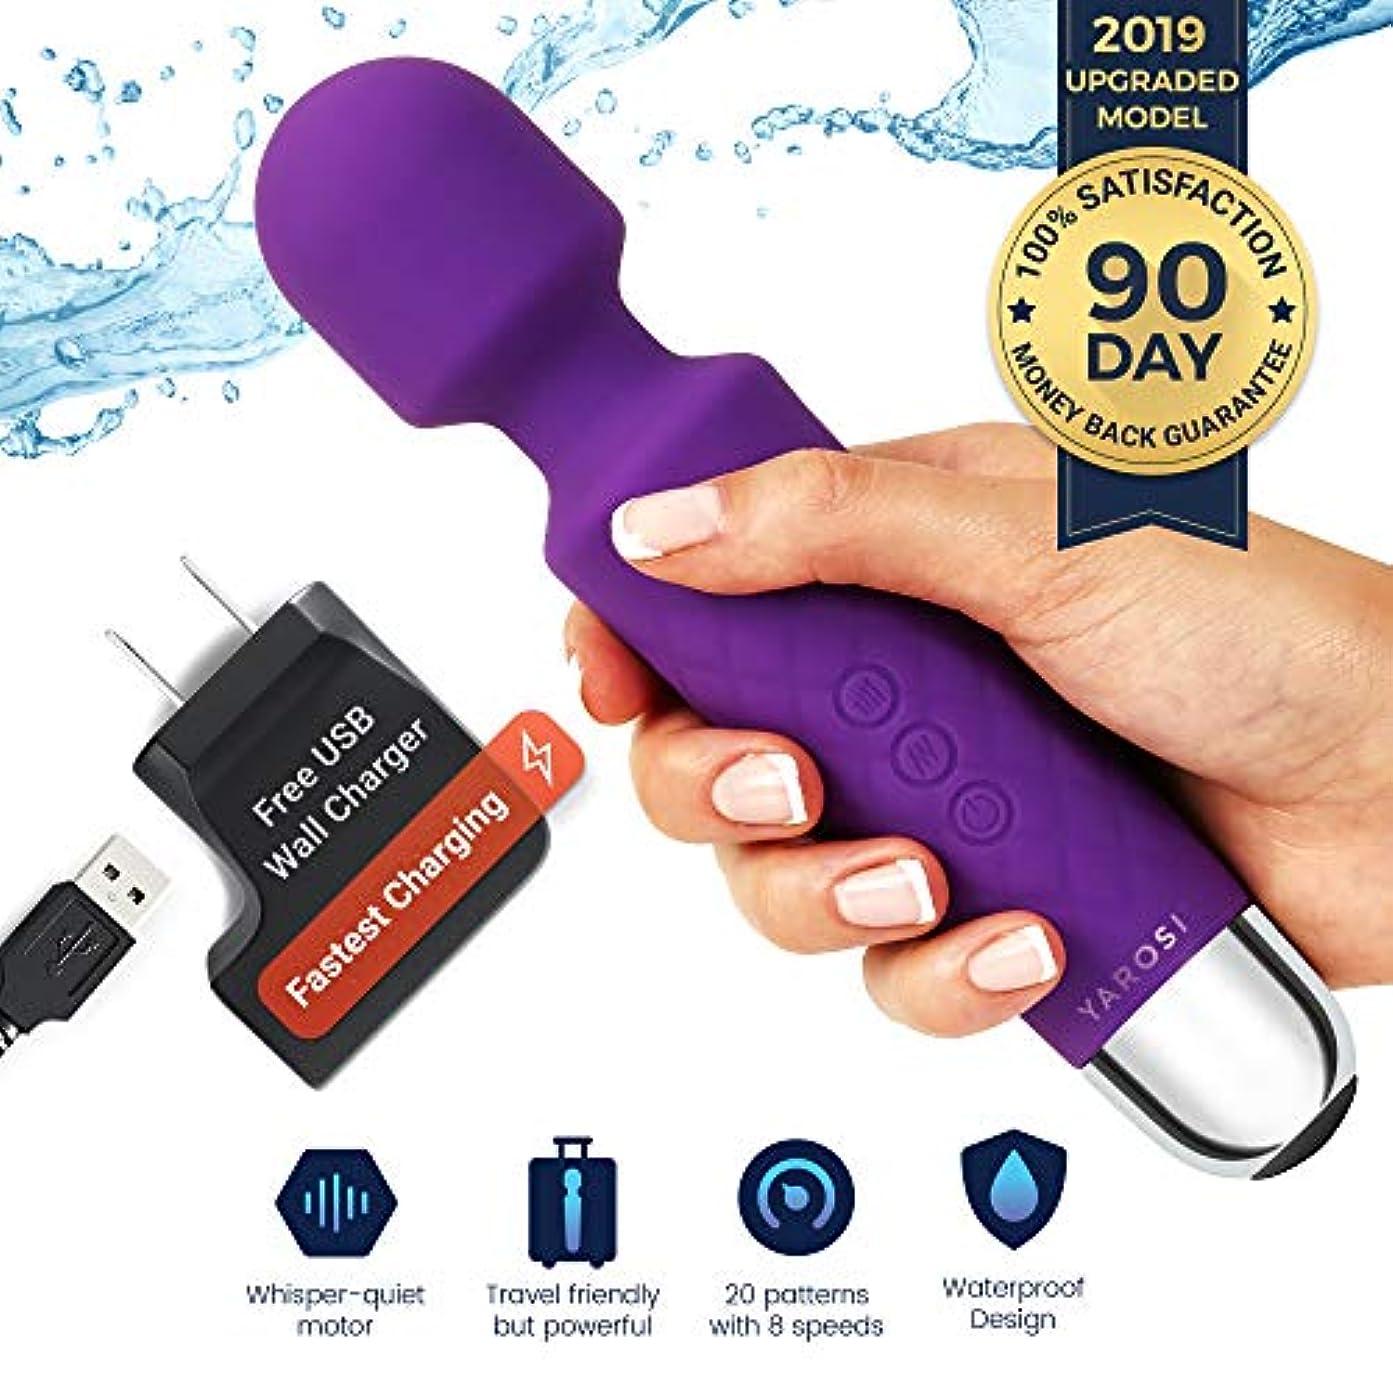 殉教者先見の明格納ジャロシのコードレスワンドマッサージャー - 振動のための最も強力な治療 - 旅行の贈り物に適して - 魔法の圧力の目覚め - 筋肉のアーチやパーソナルスポーツの回復に最適 - USB - ミニ - パープル